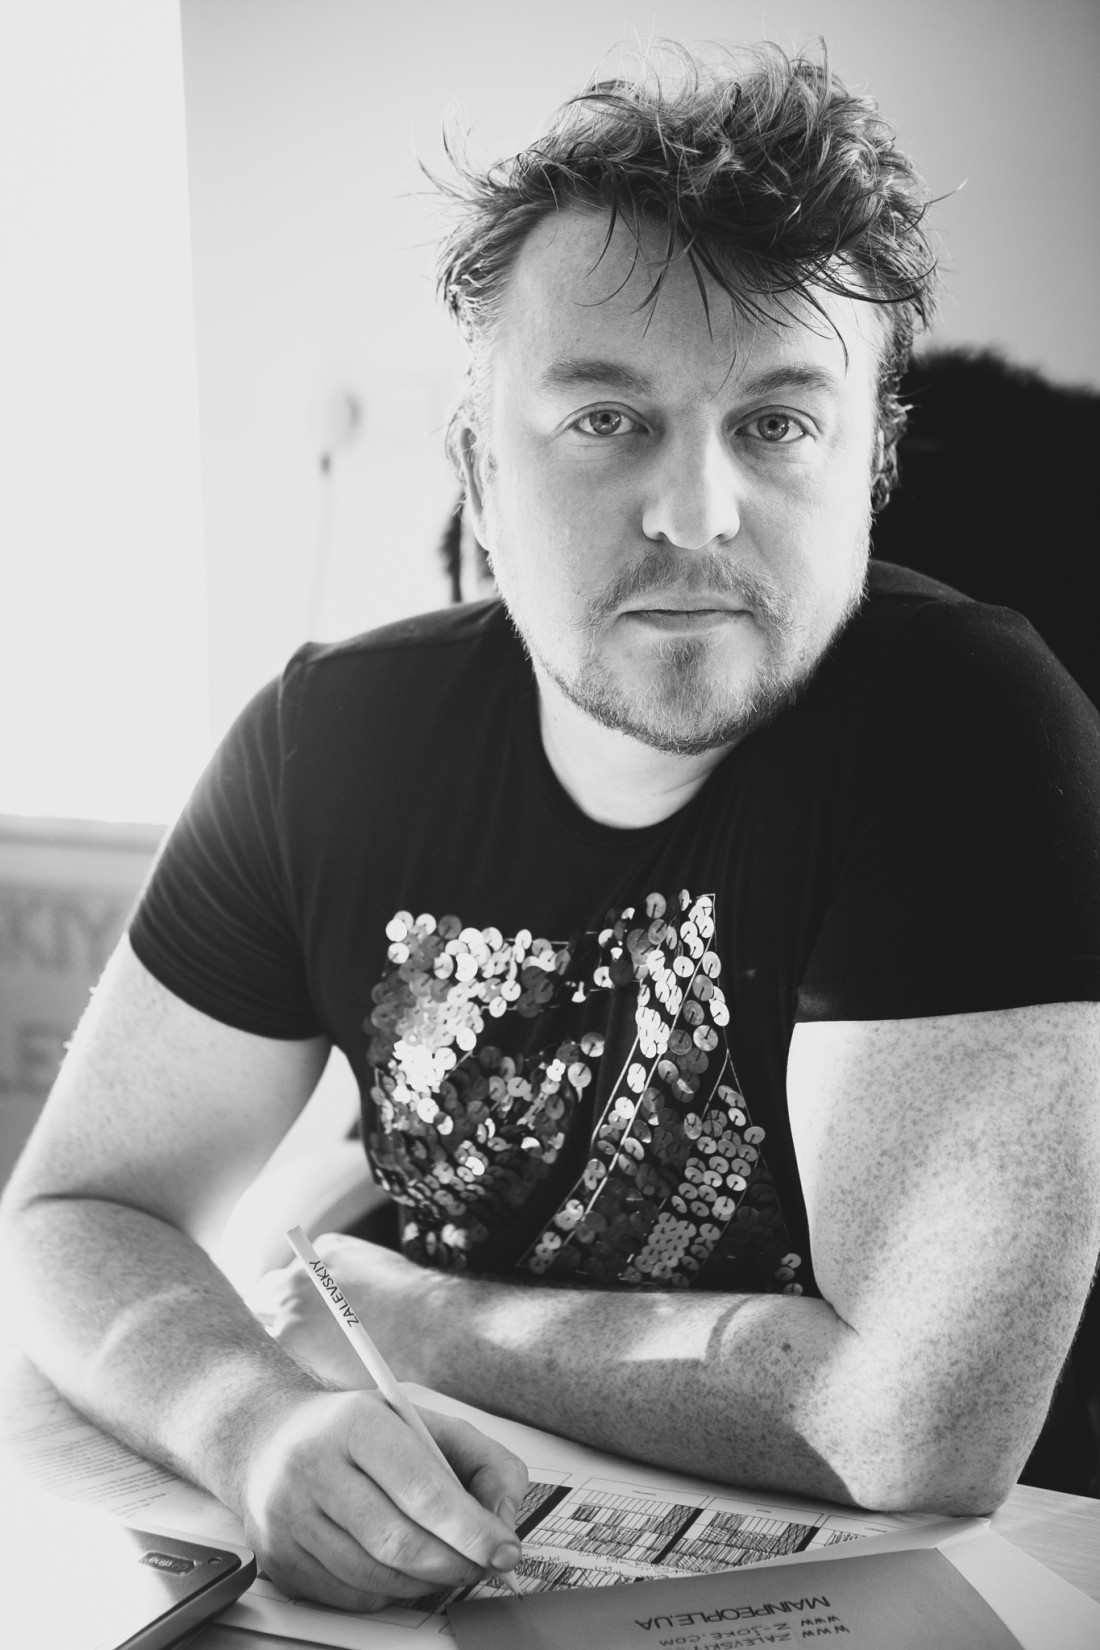 Дизайнер Алексей Залевский стал автором клипа